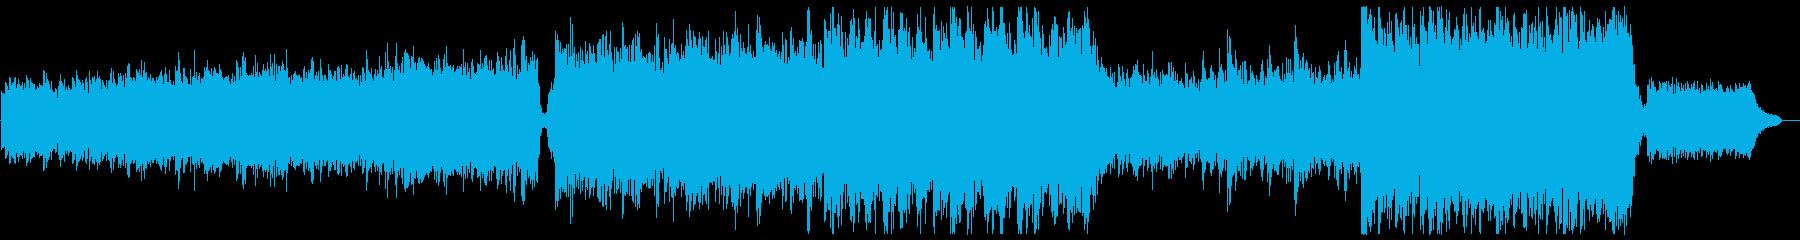 ハリウッド風シリアストレイラー:スネア抜の再生済みの波形